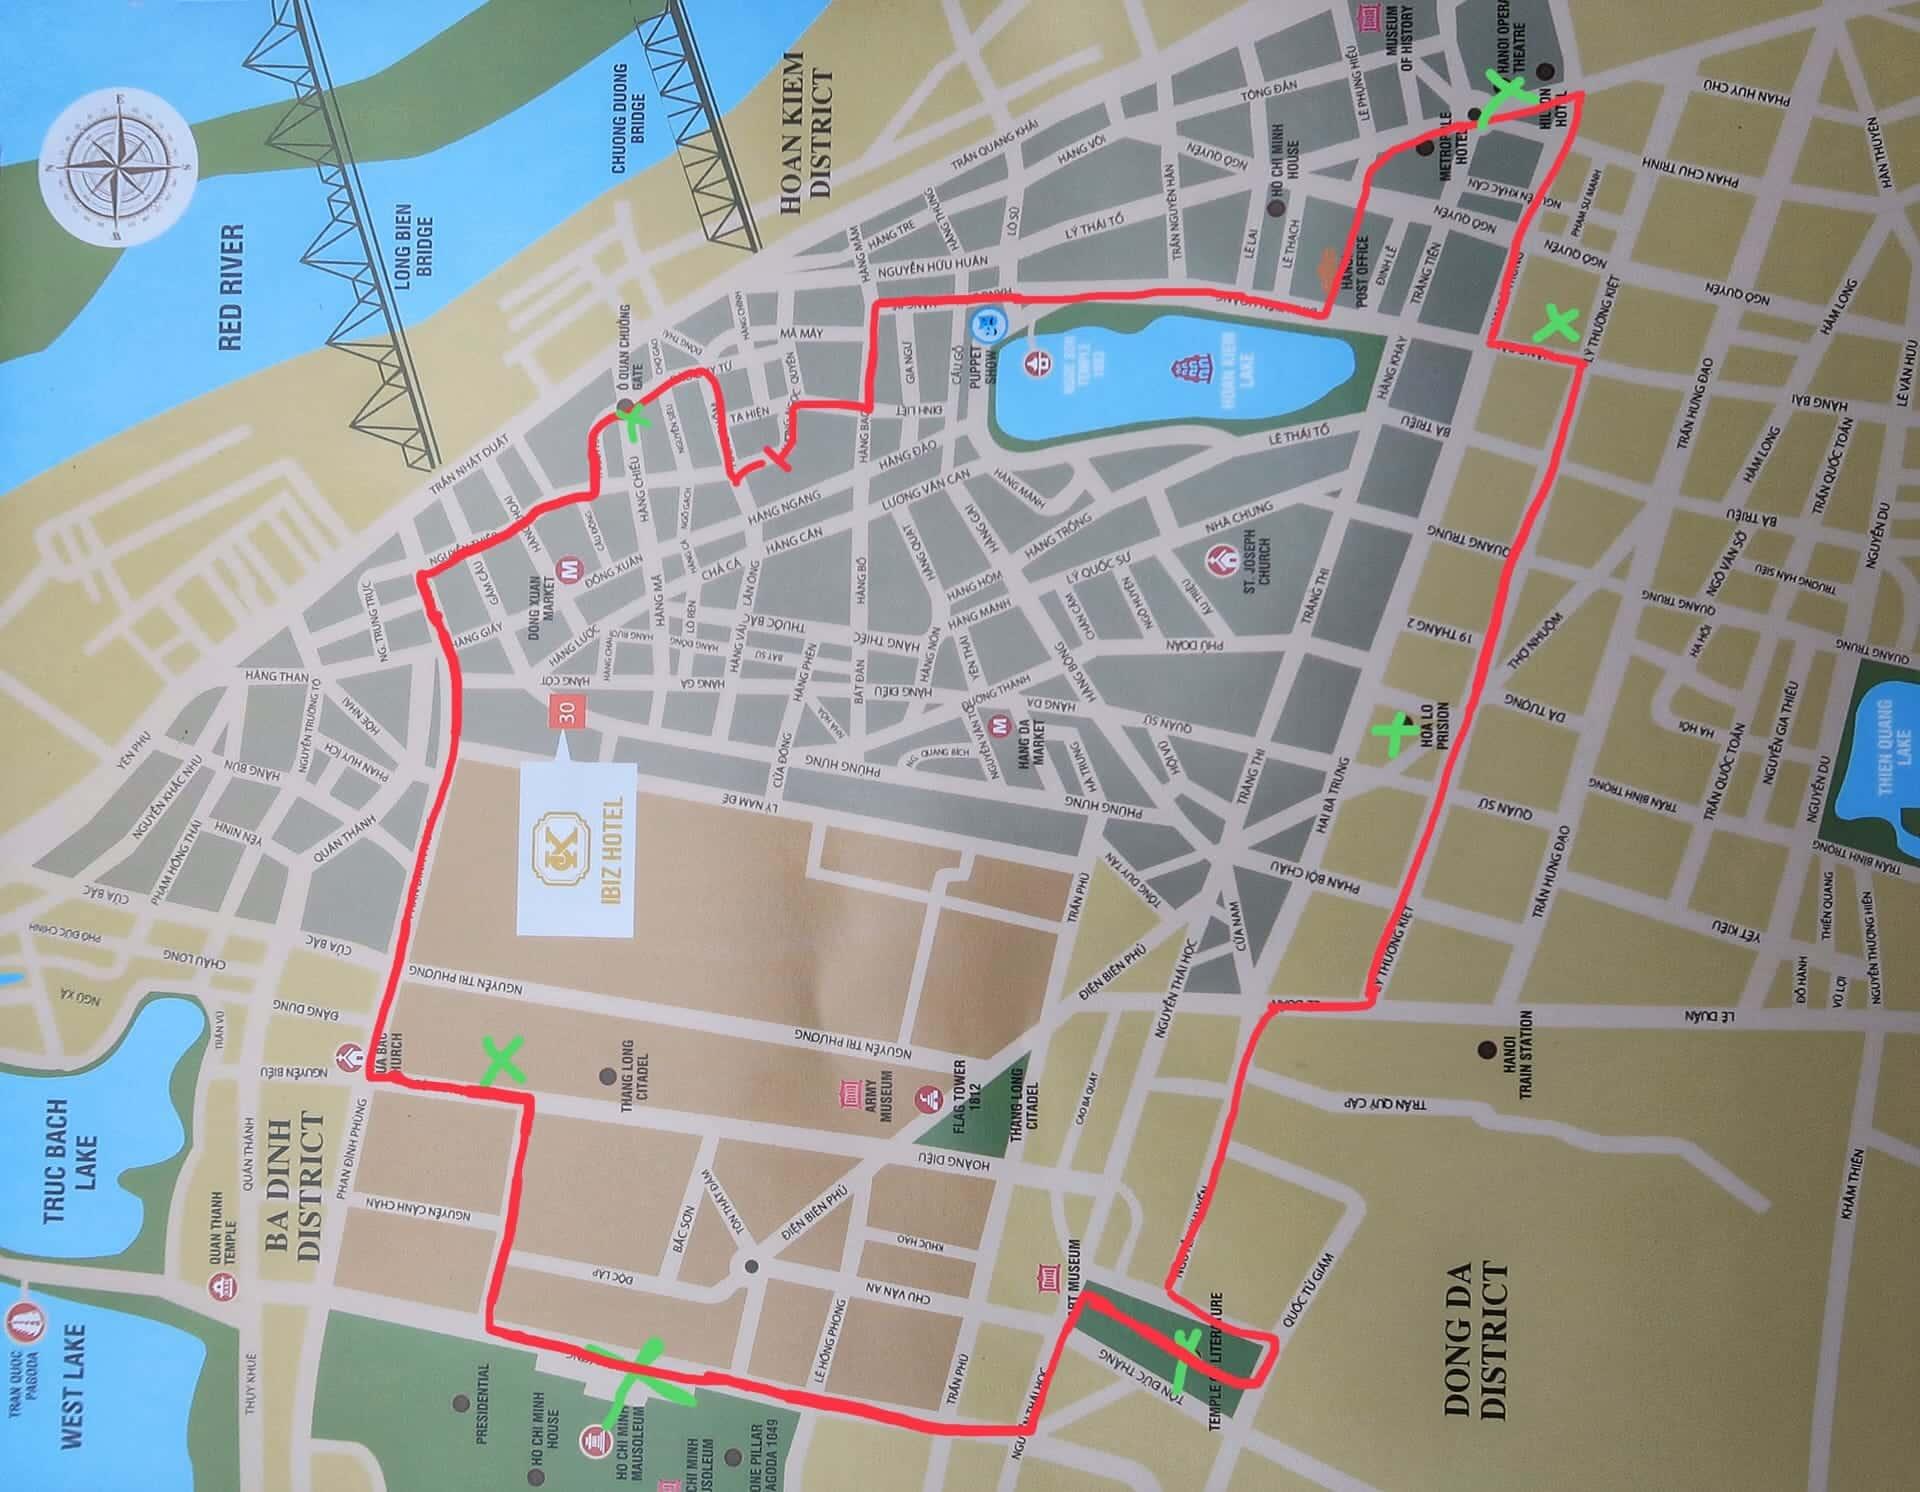 kort over hanoi by og gårute til seværdigheder